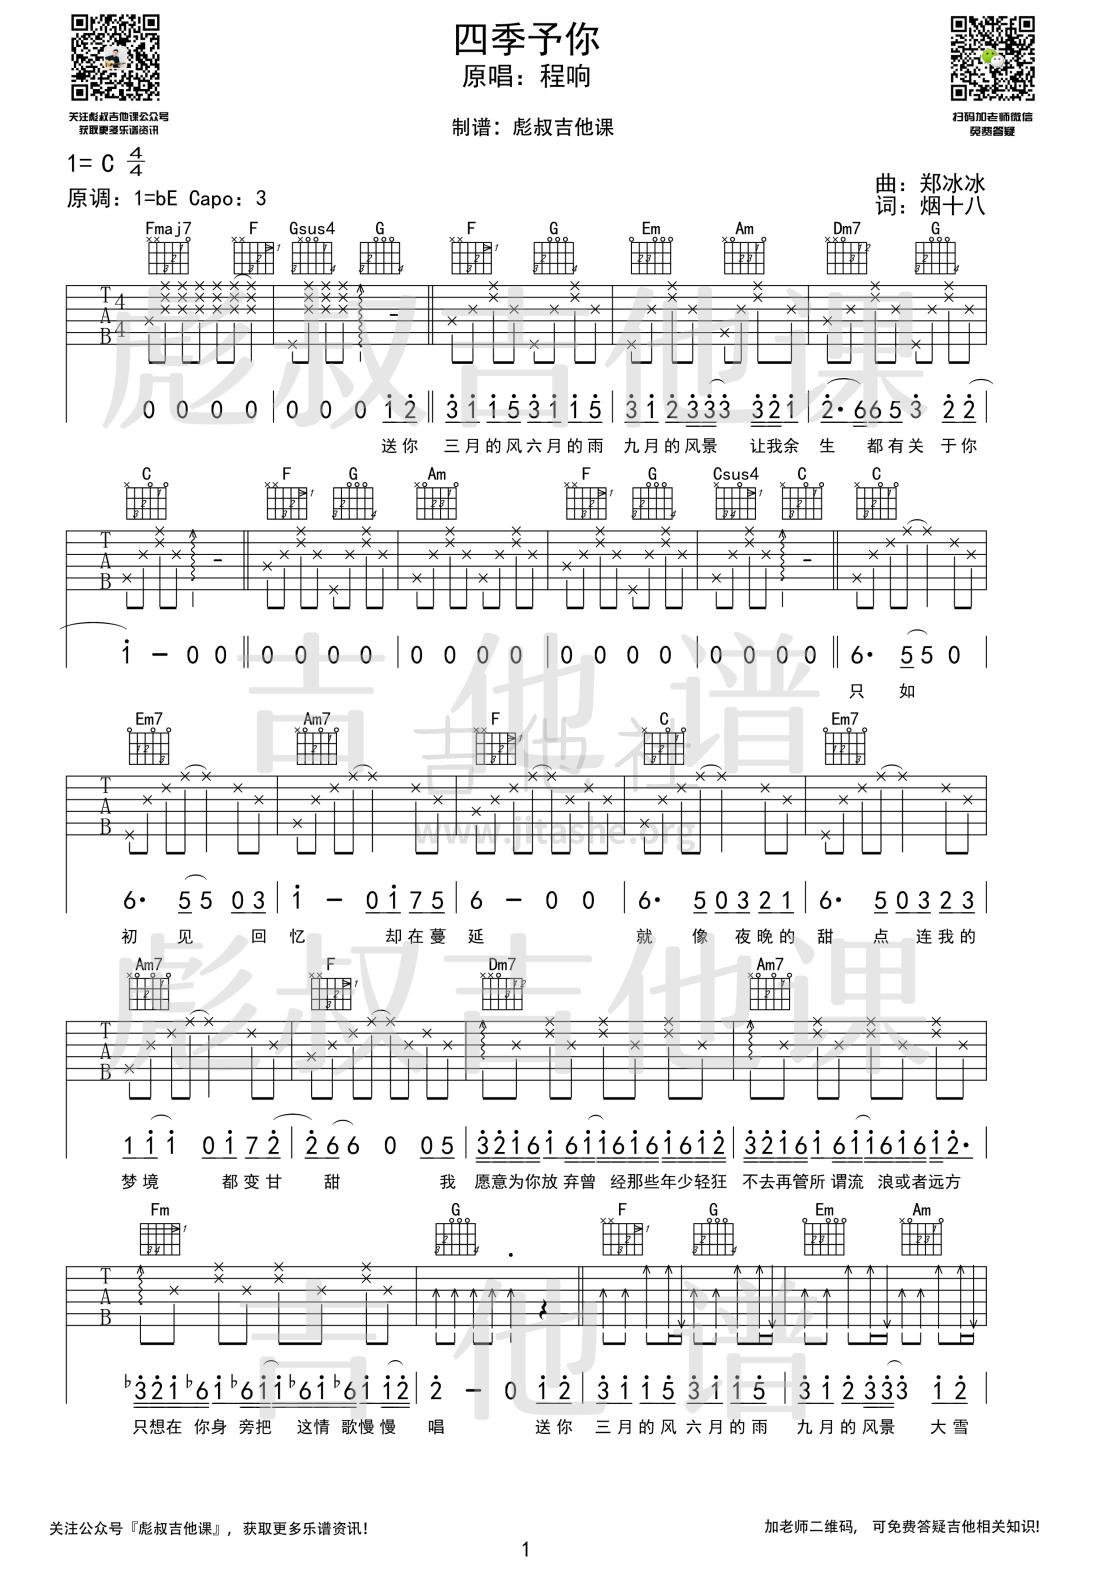 四季予你(C调弹唱六线谱 彪叔吉他课制谱)吉他谱(图片谱,弹唱,简单版,C调)_程响_四季予你 修订版_1.png